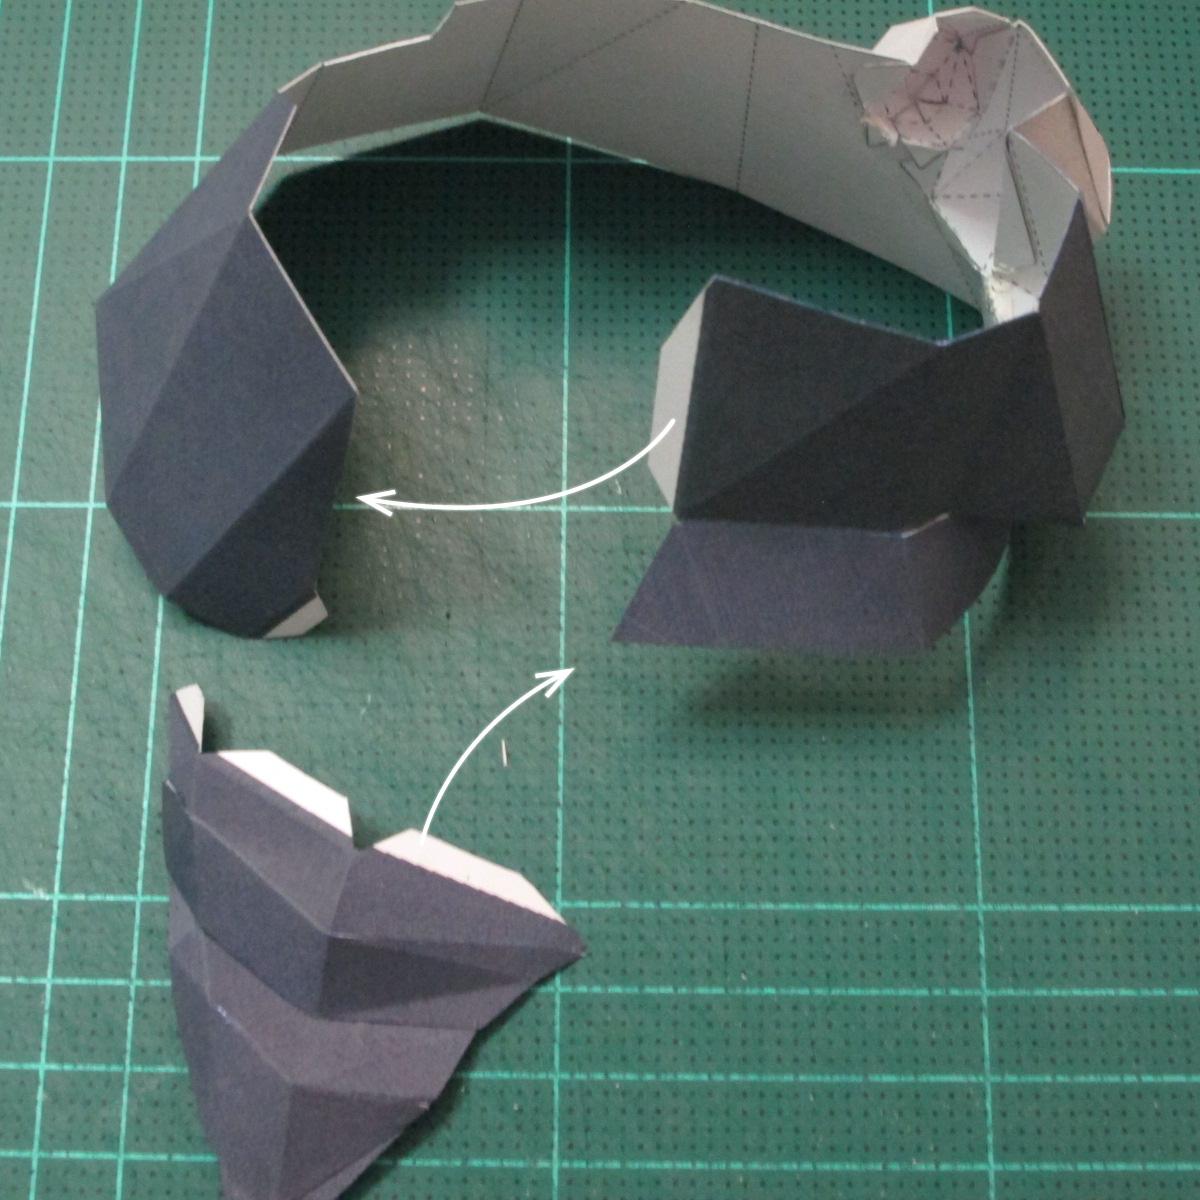 วิธีทำโมเดลกระดาษของเล่นคุกกี้รัน คุกกี้รสพ่อมด (Cookie Run Wizard Cookie Papercraft Model) 039